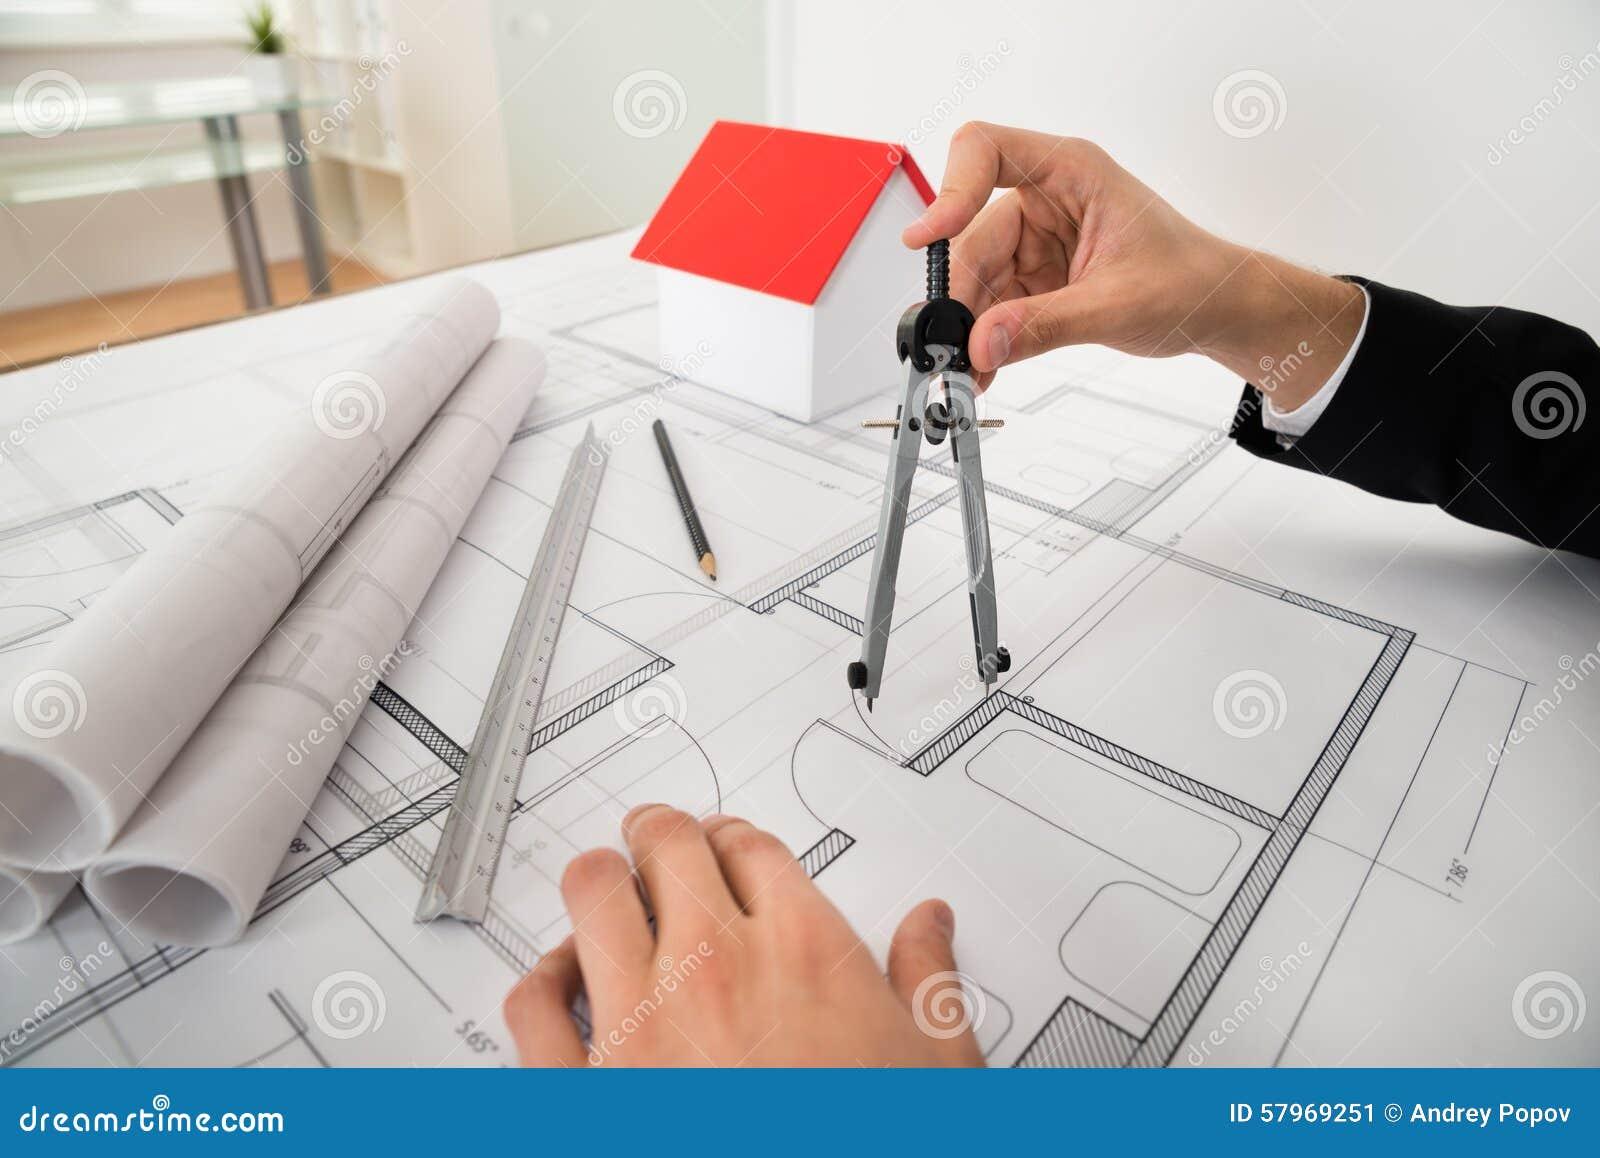 Architect using compass on blueprint stock image image of royalty free stock photo malvernweather Choice Image